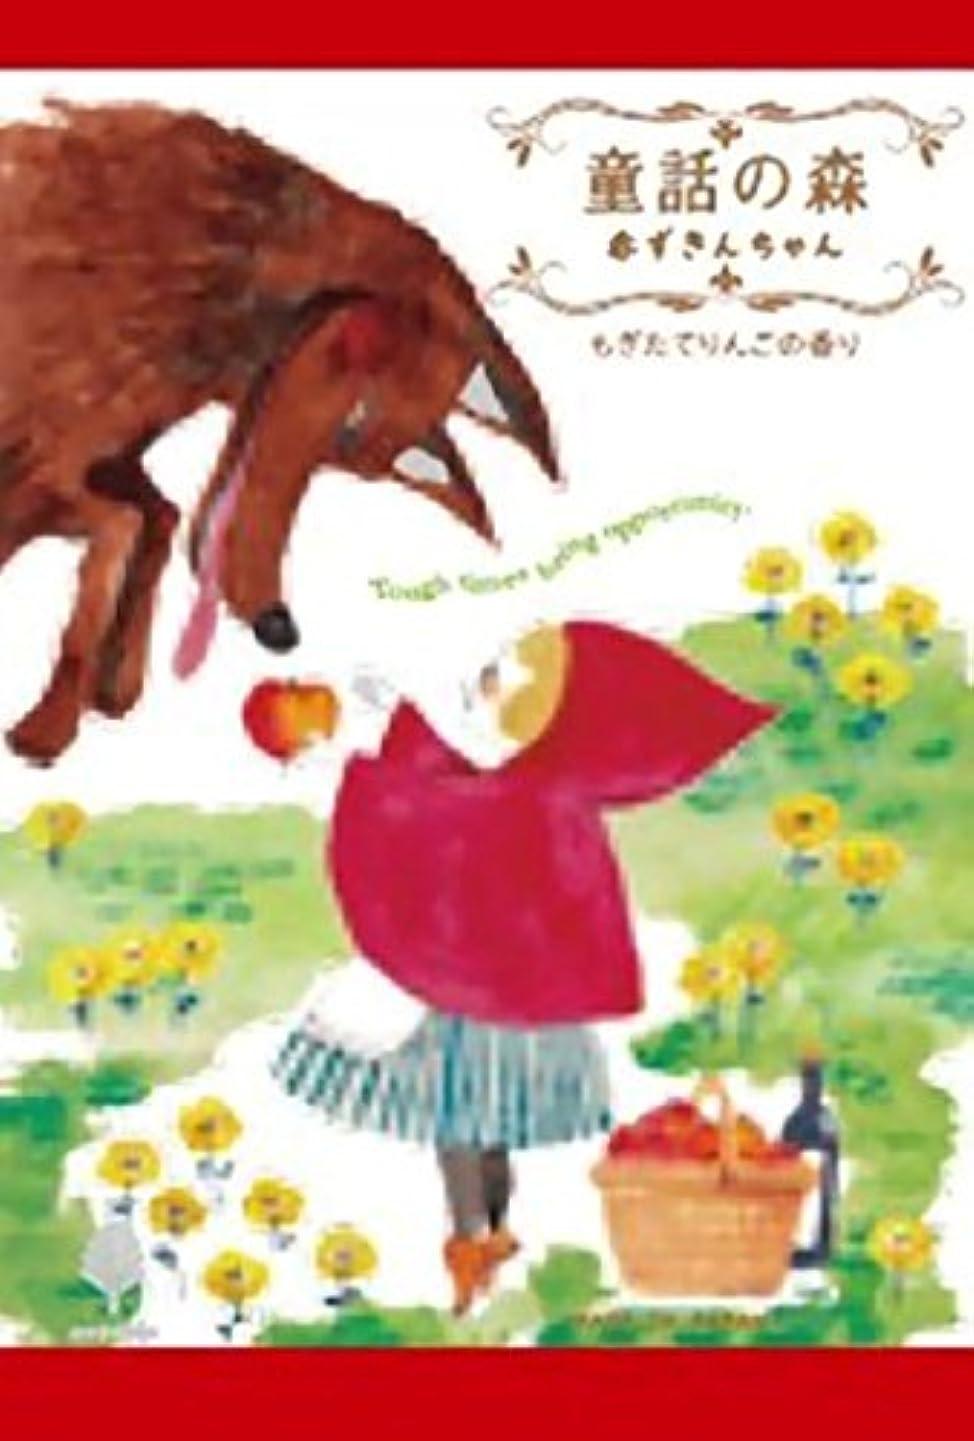 報奨金暴力的なファックス小久保工業所 日本製 made in japan 童話の森赤ずきんちゃん50g N-8746 【まとめ買い12個セット】